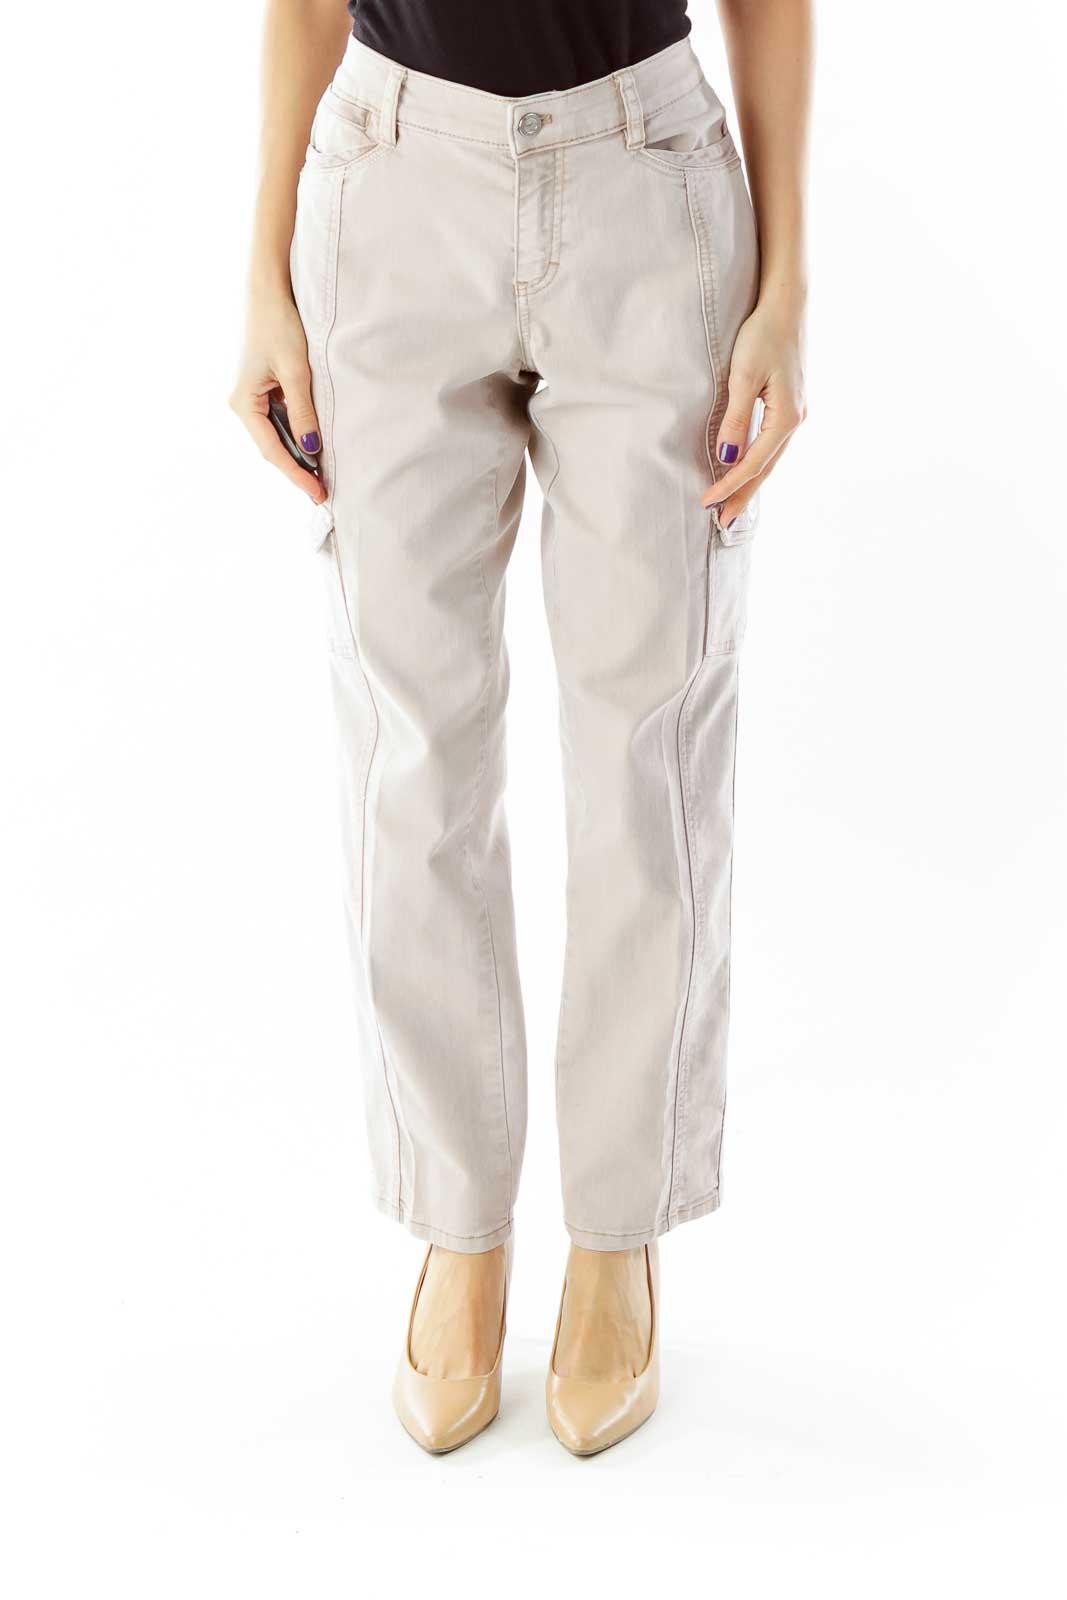 Beige Pocketed Denim Pants